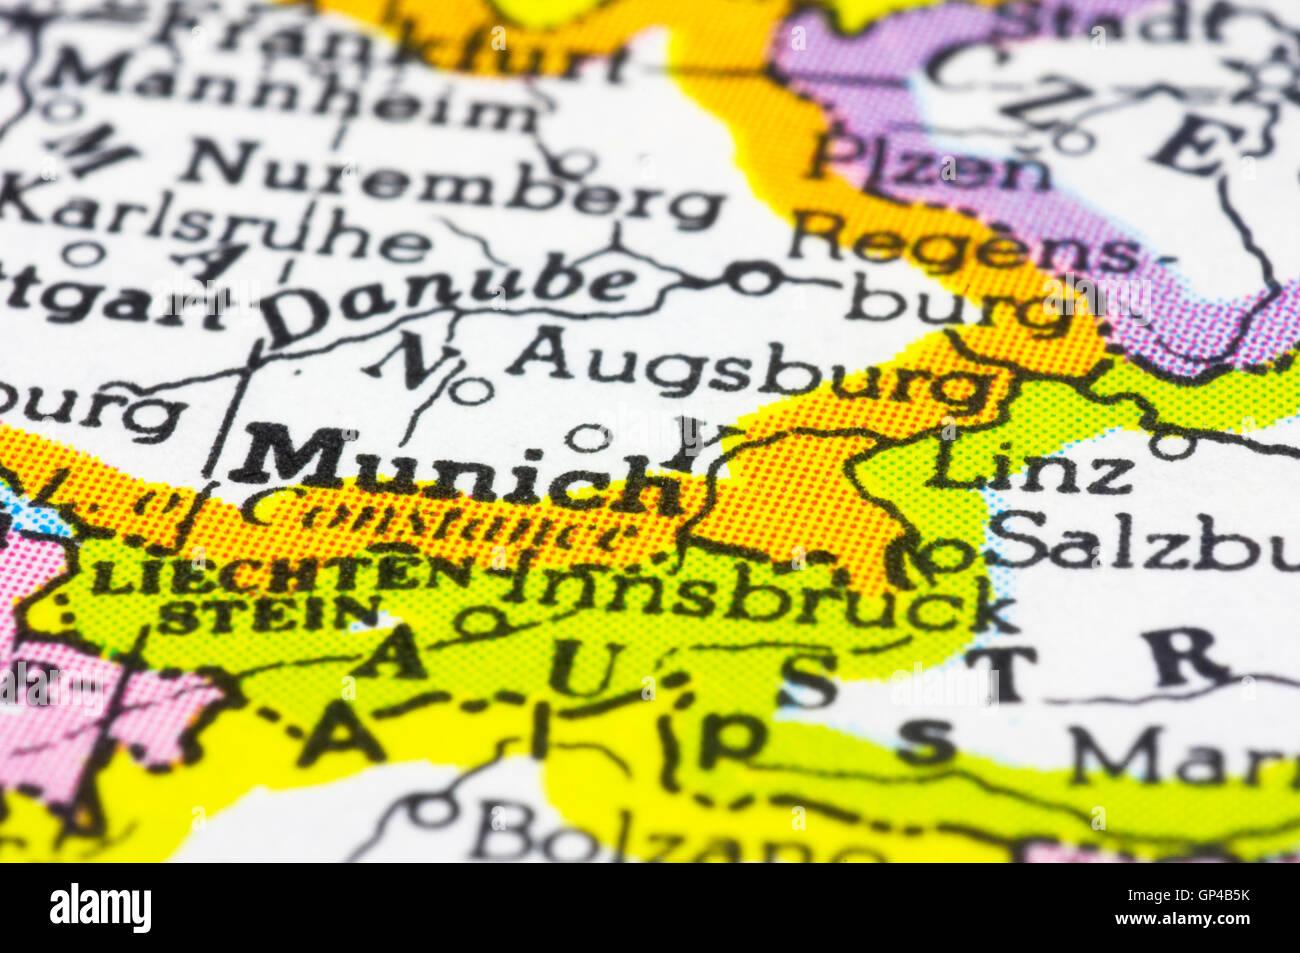 close up of Munich on map Germany Stock Photo 116881231 Alamy